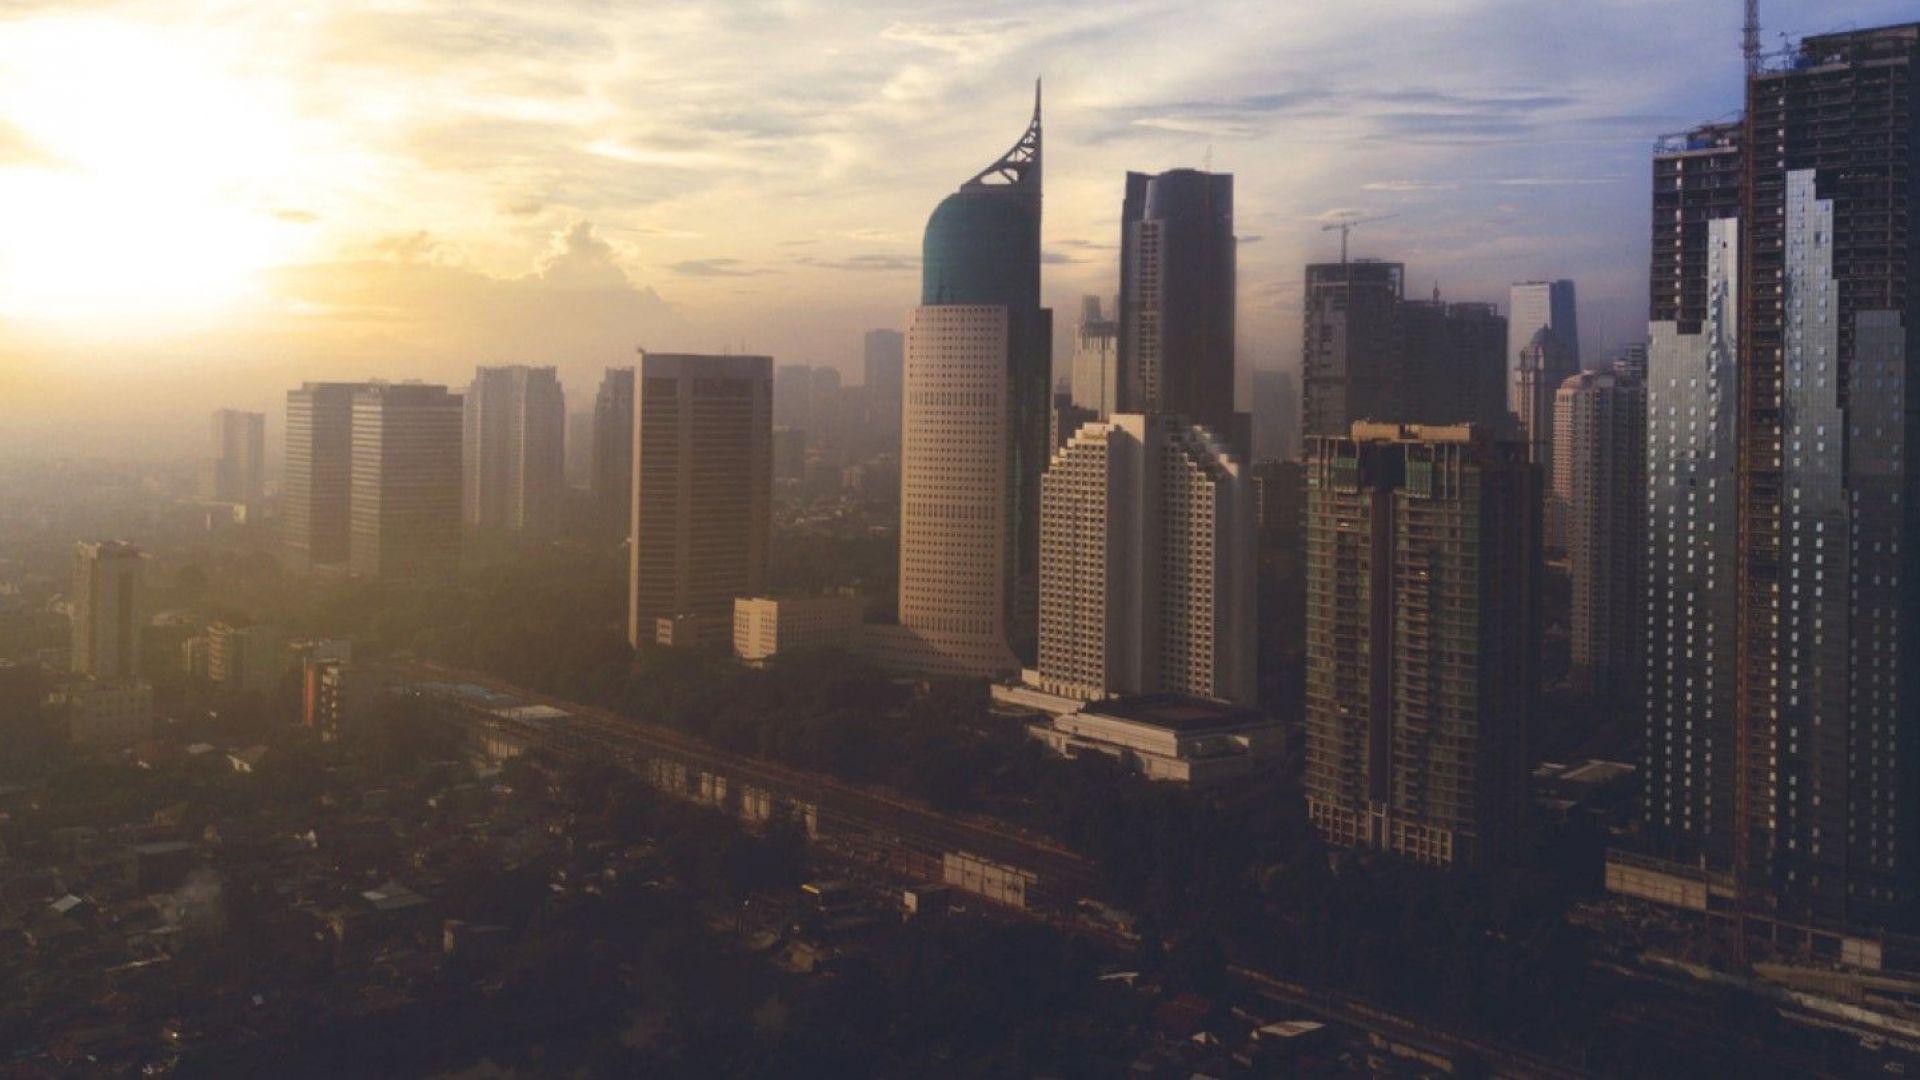 Индонезия предизвика изкуствени дъждове, за да се предпази от горски пожари